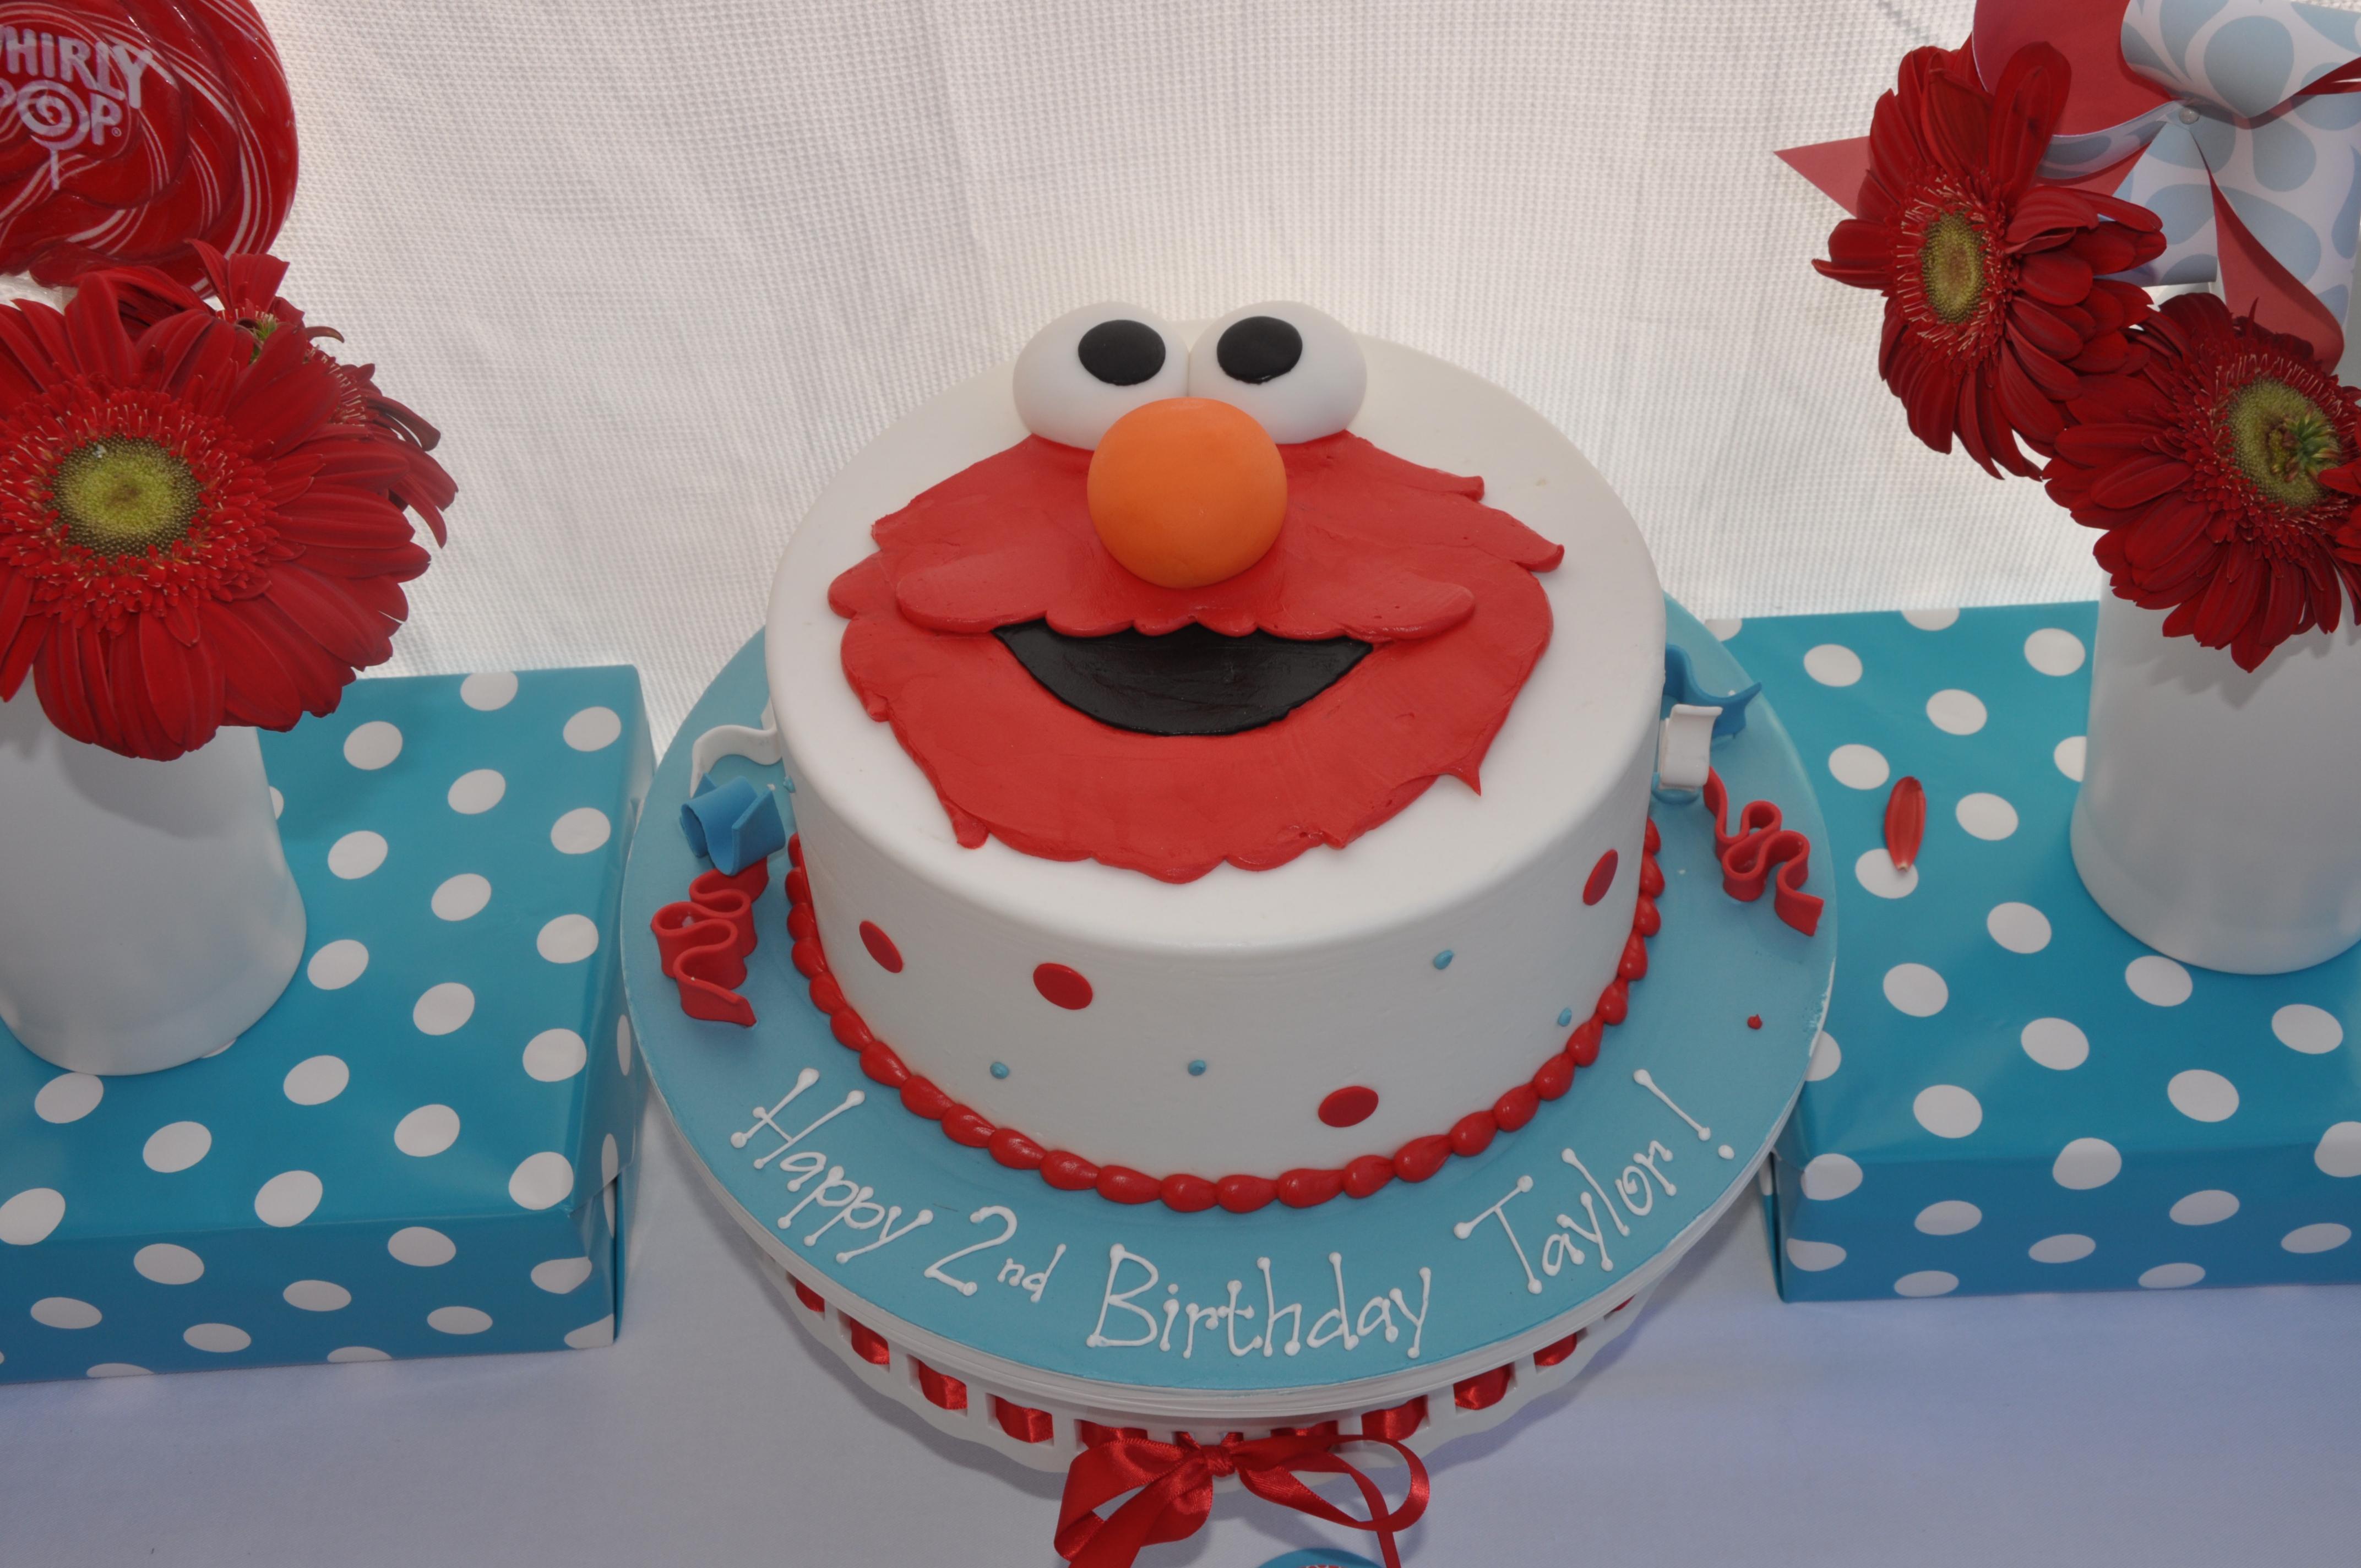 The Elmo Red Velvet Cake Recipe